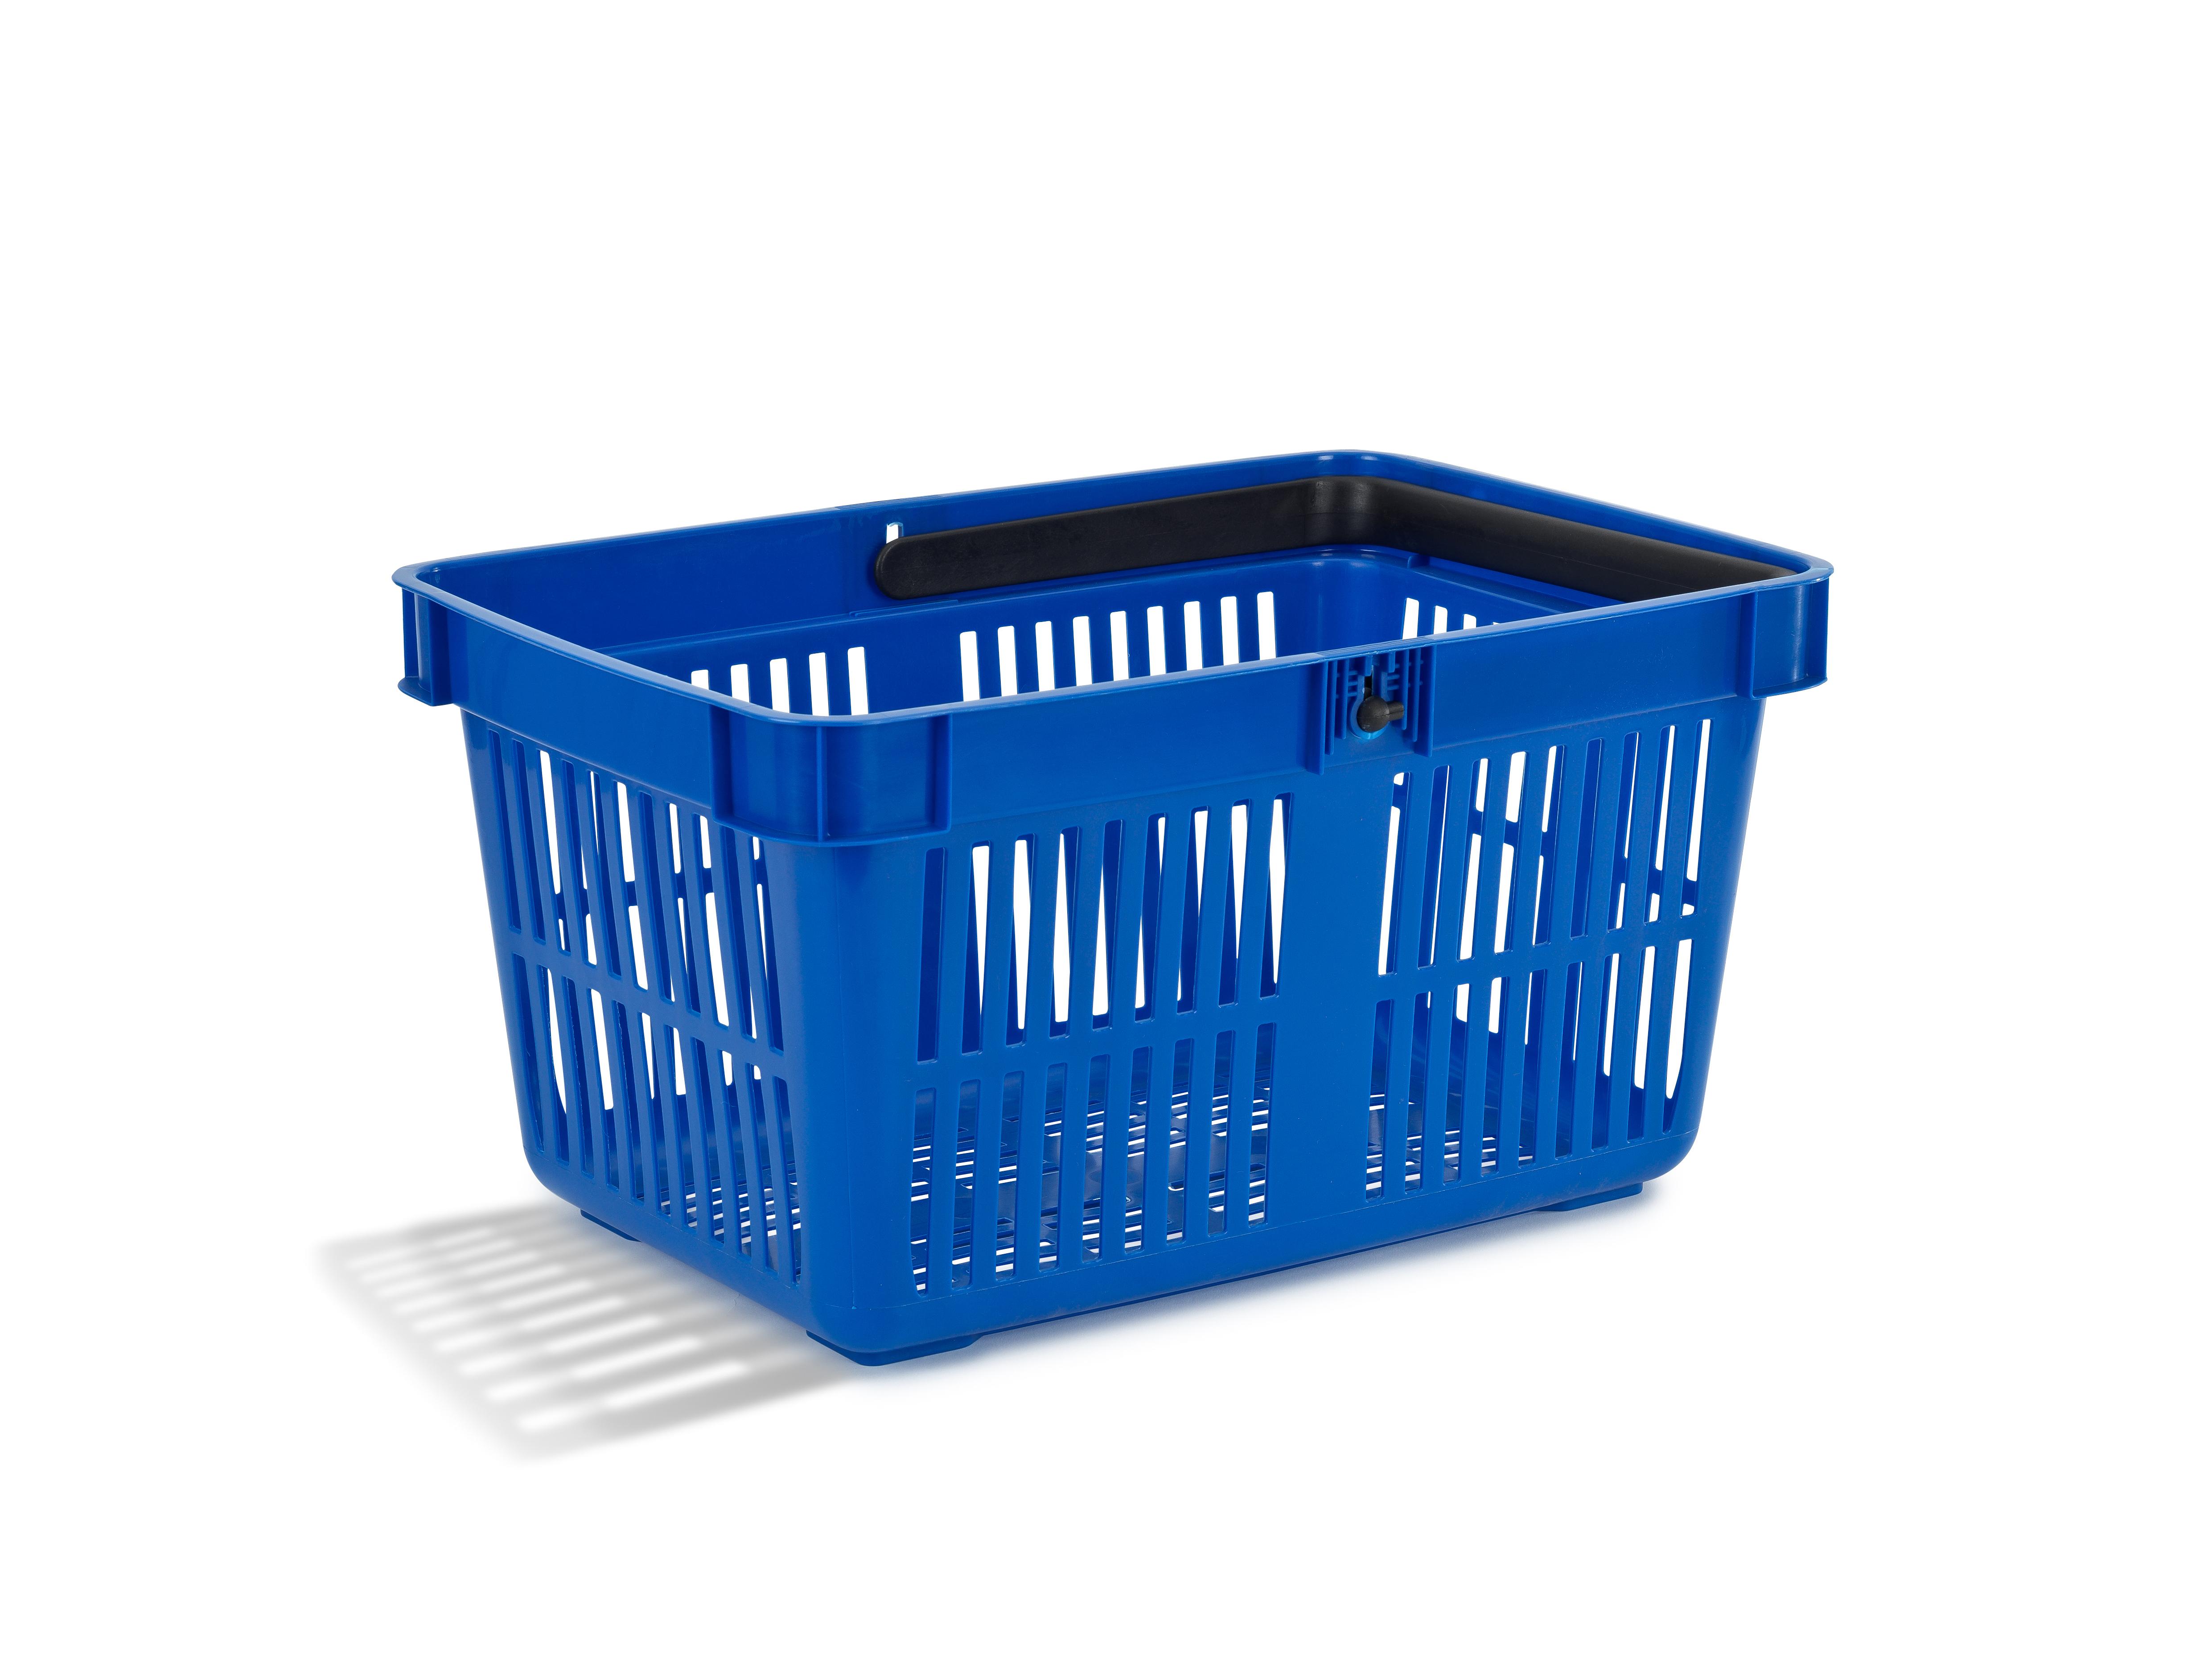 Nordiska Plast Handlekurv 27 liter blå